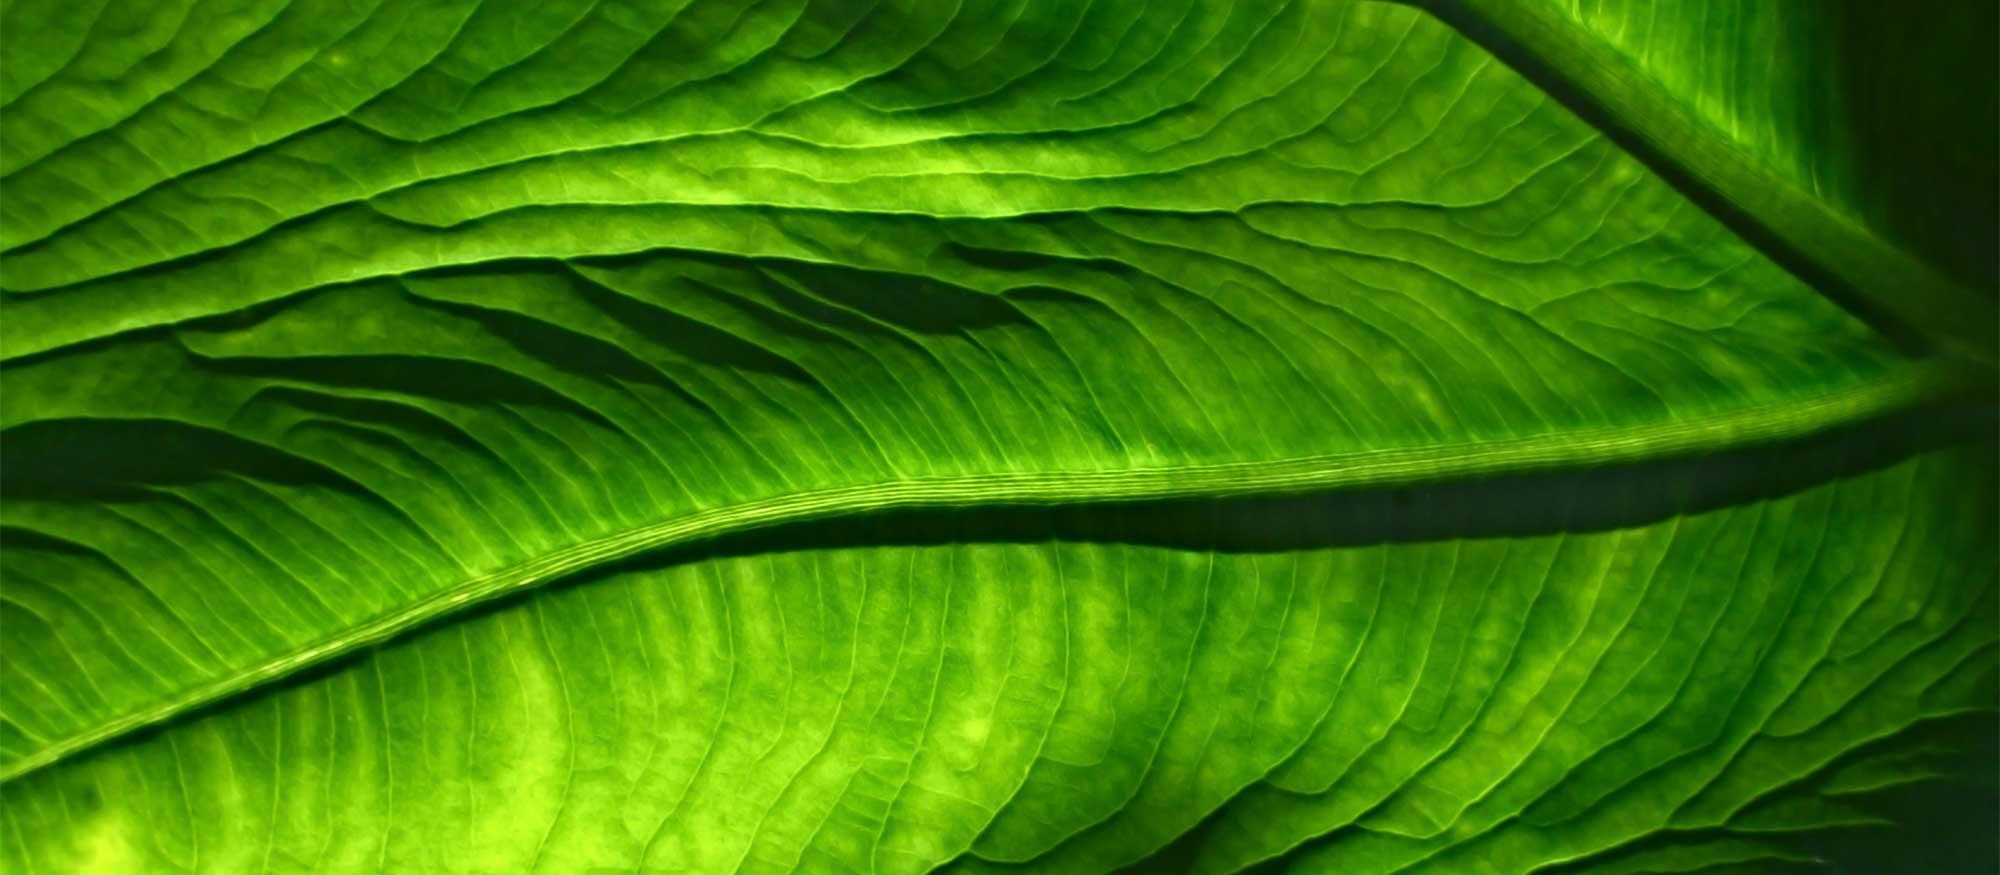 leaf pattern deep green color